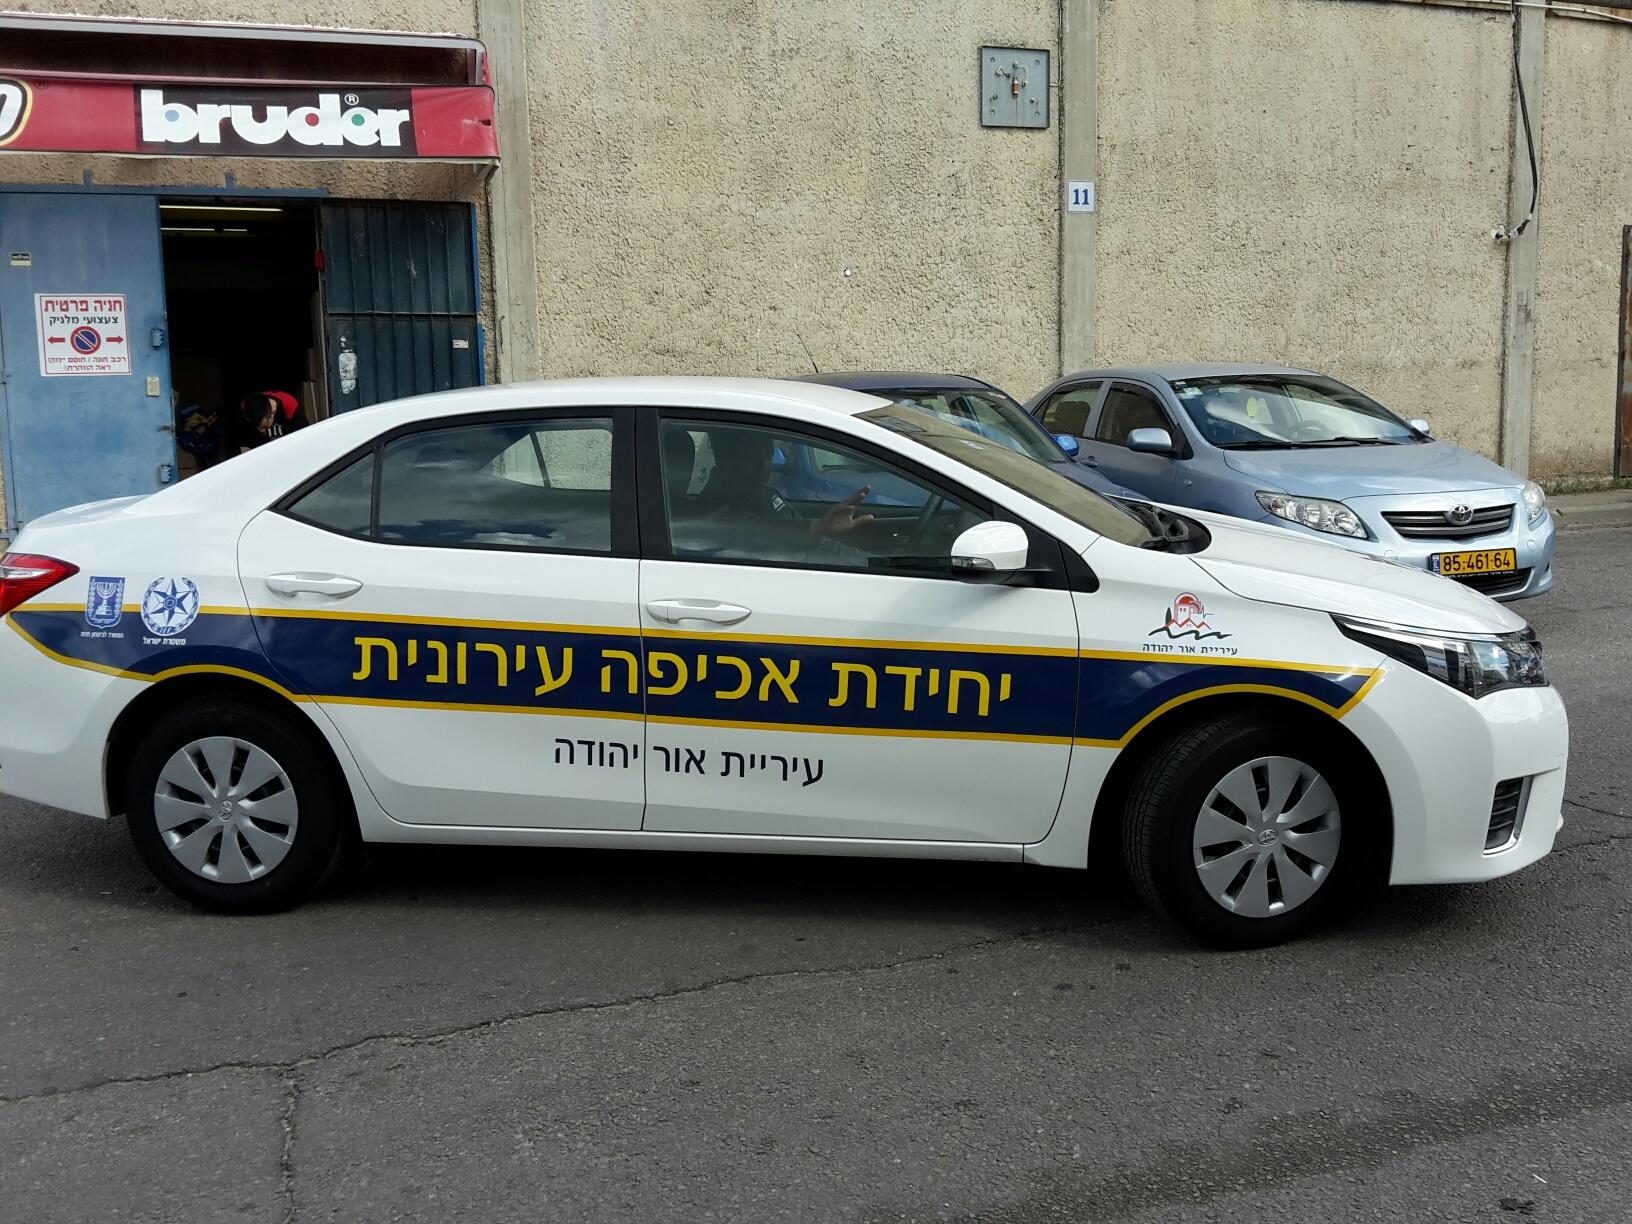 משטרה עירונית